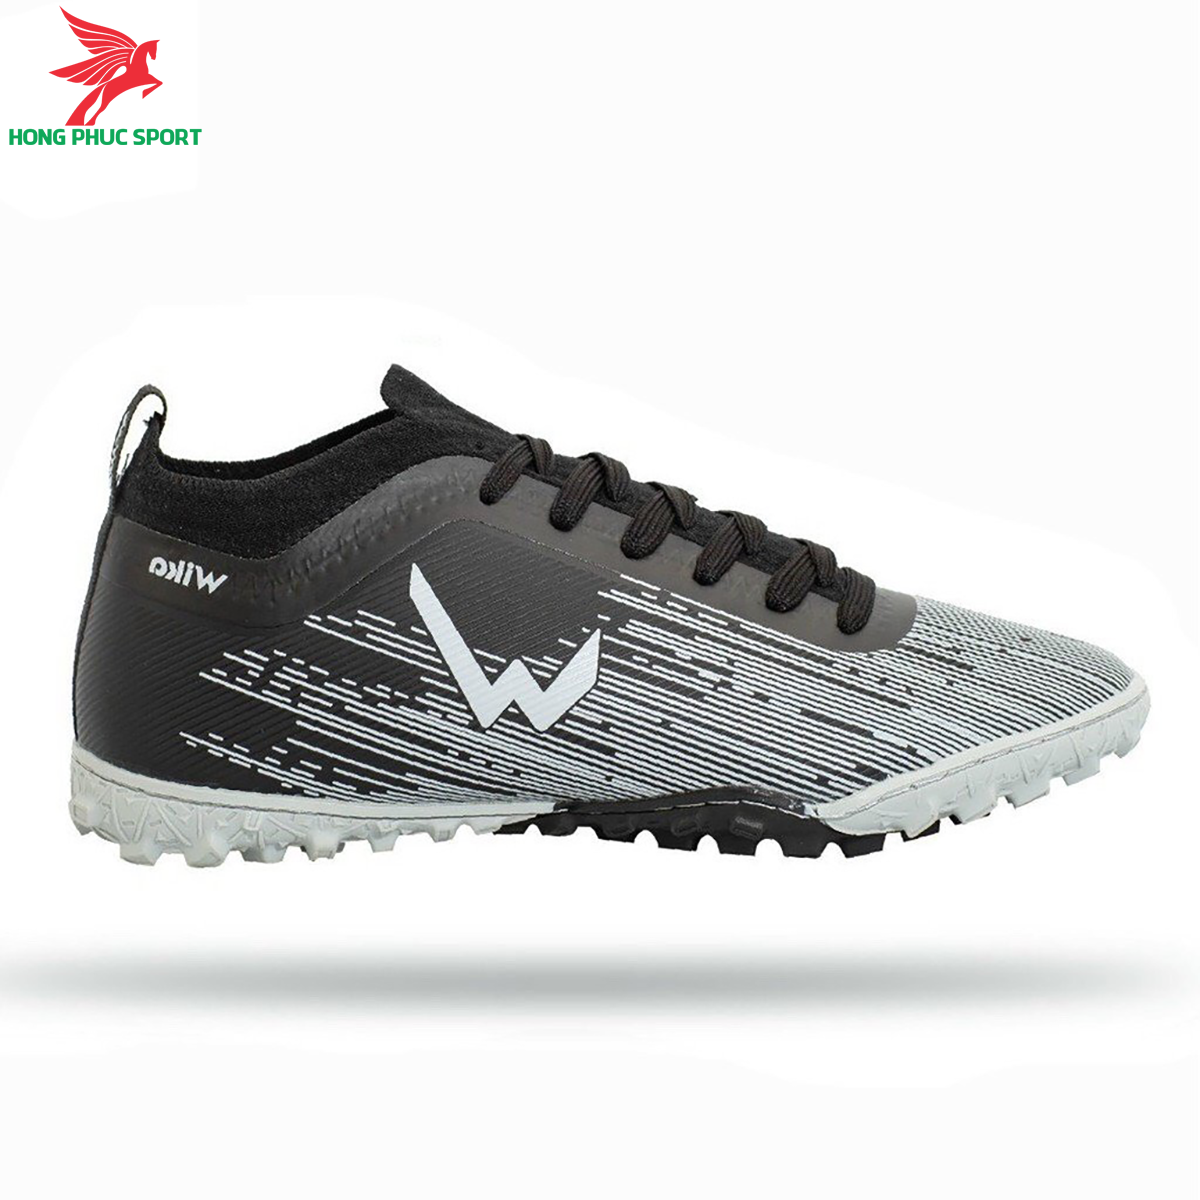 Giày đá banh Wika Subasa đế TF màu đen